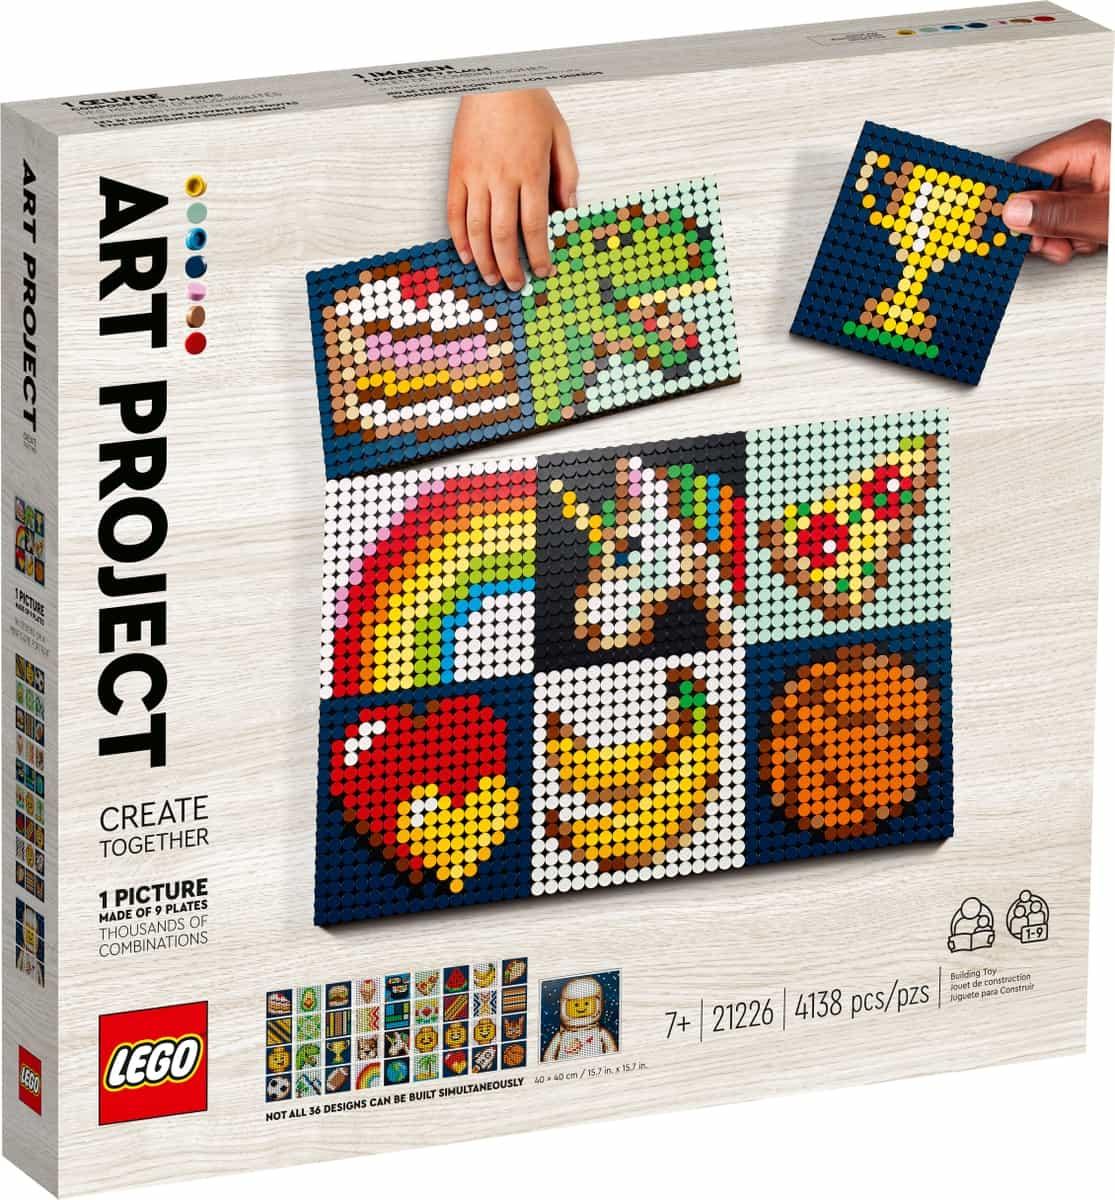 lego 21226 kunstprojekt skab kunst sammen